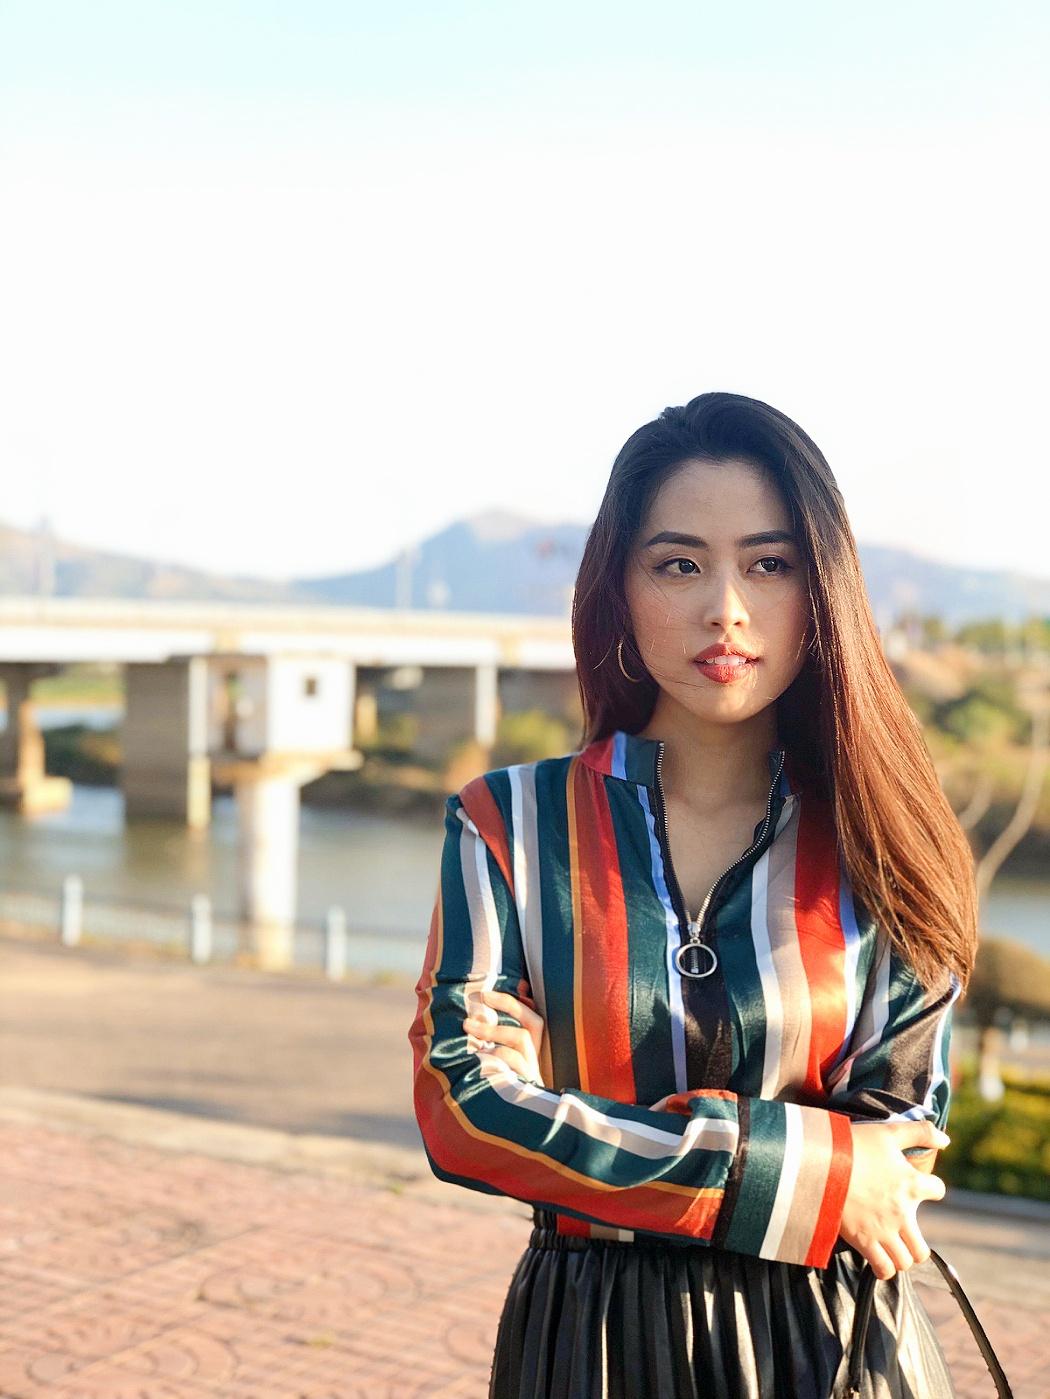 Nữ MC truyền hình 22 tuổi thi HHVN 2020: 'Các bạn đua theo xu hướng Kpop hay Âu Mỹ, mình chỉ chuộng style đơn giản chuẩn chỉnh tác phong nhà đài' 13